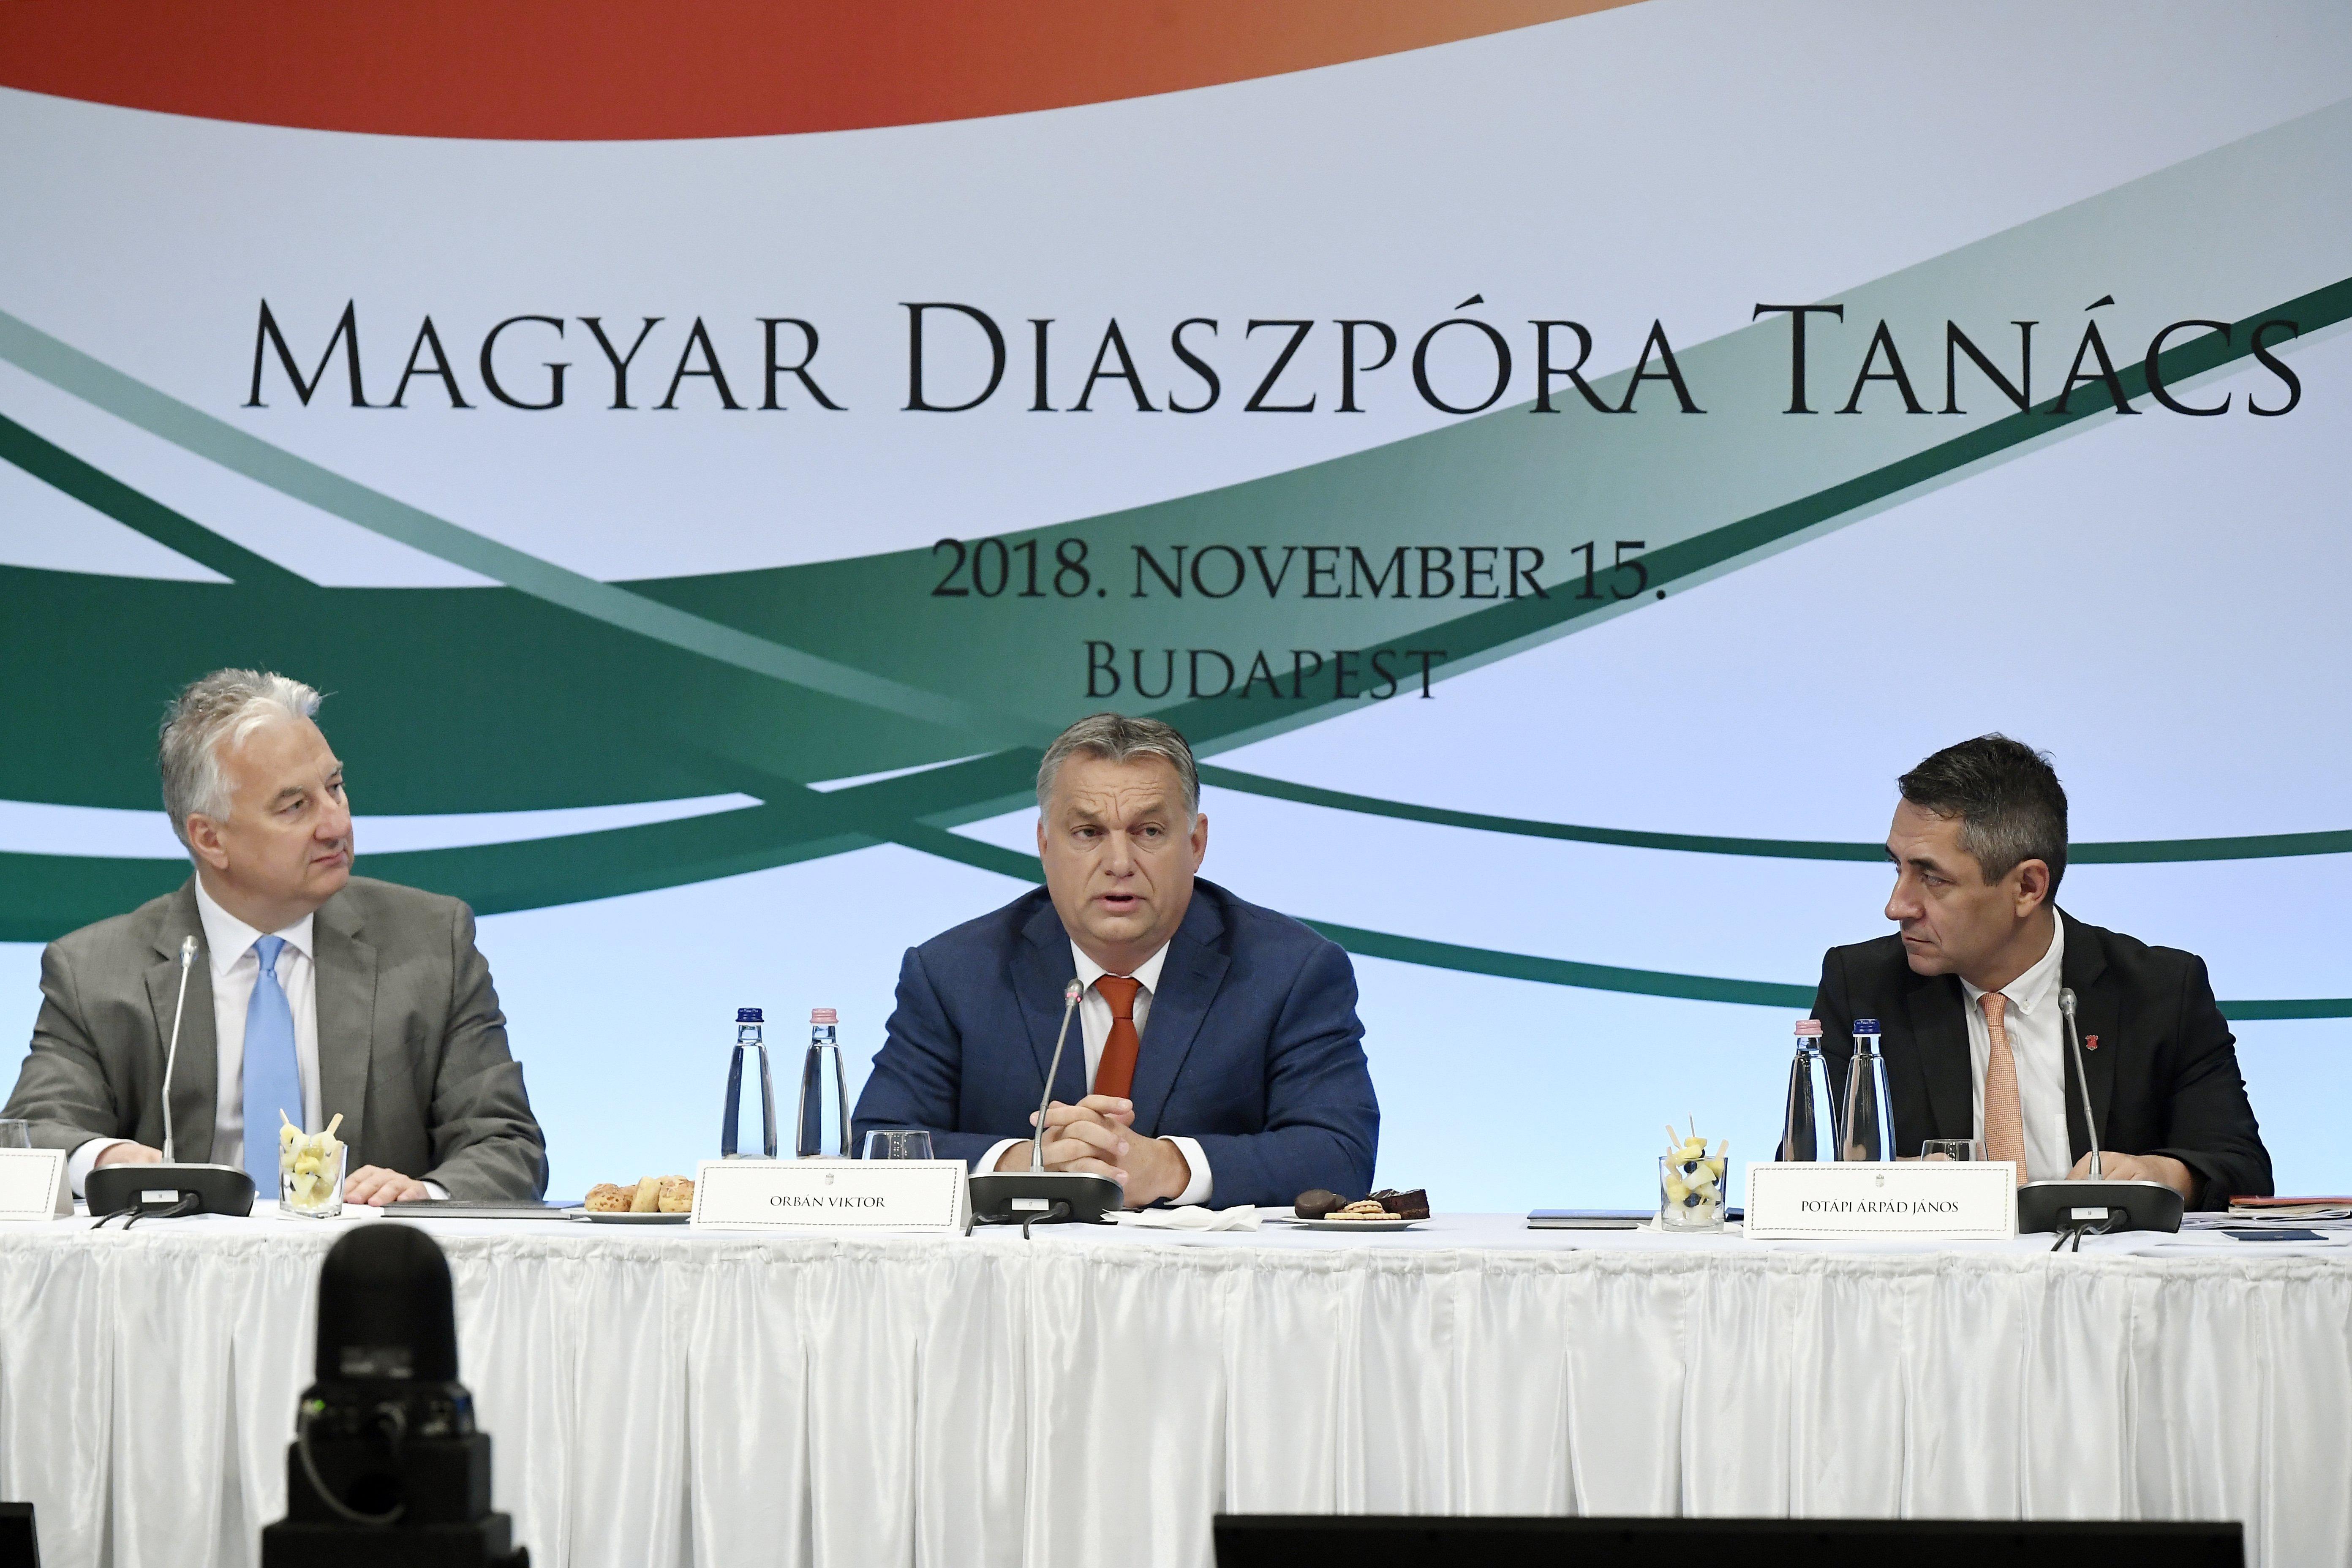 Orbán: Ungarn soll bis 2030 zu den Top 5 der EU-Länder gehören post's picture